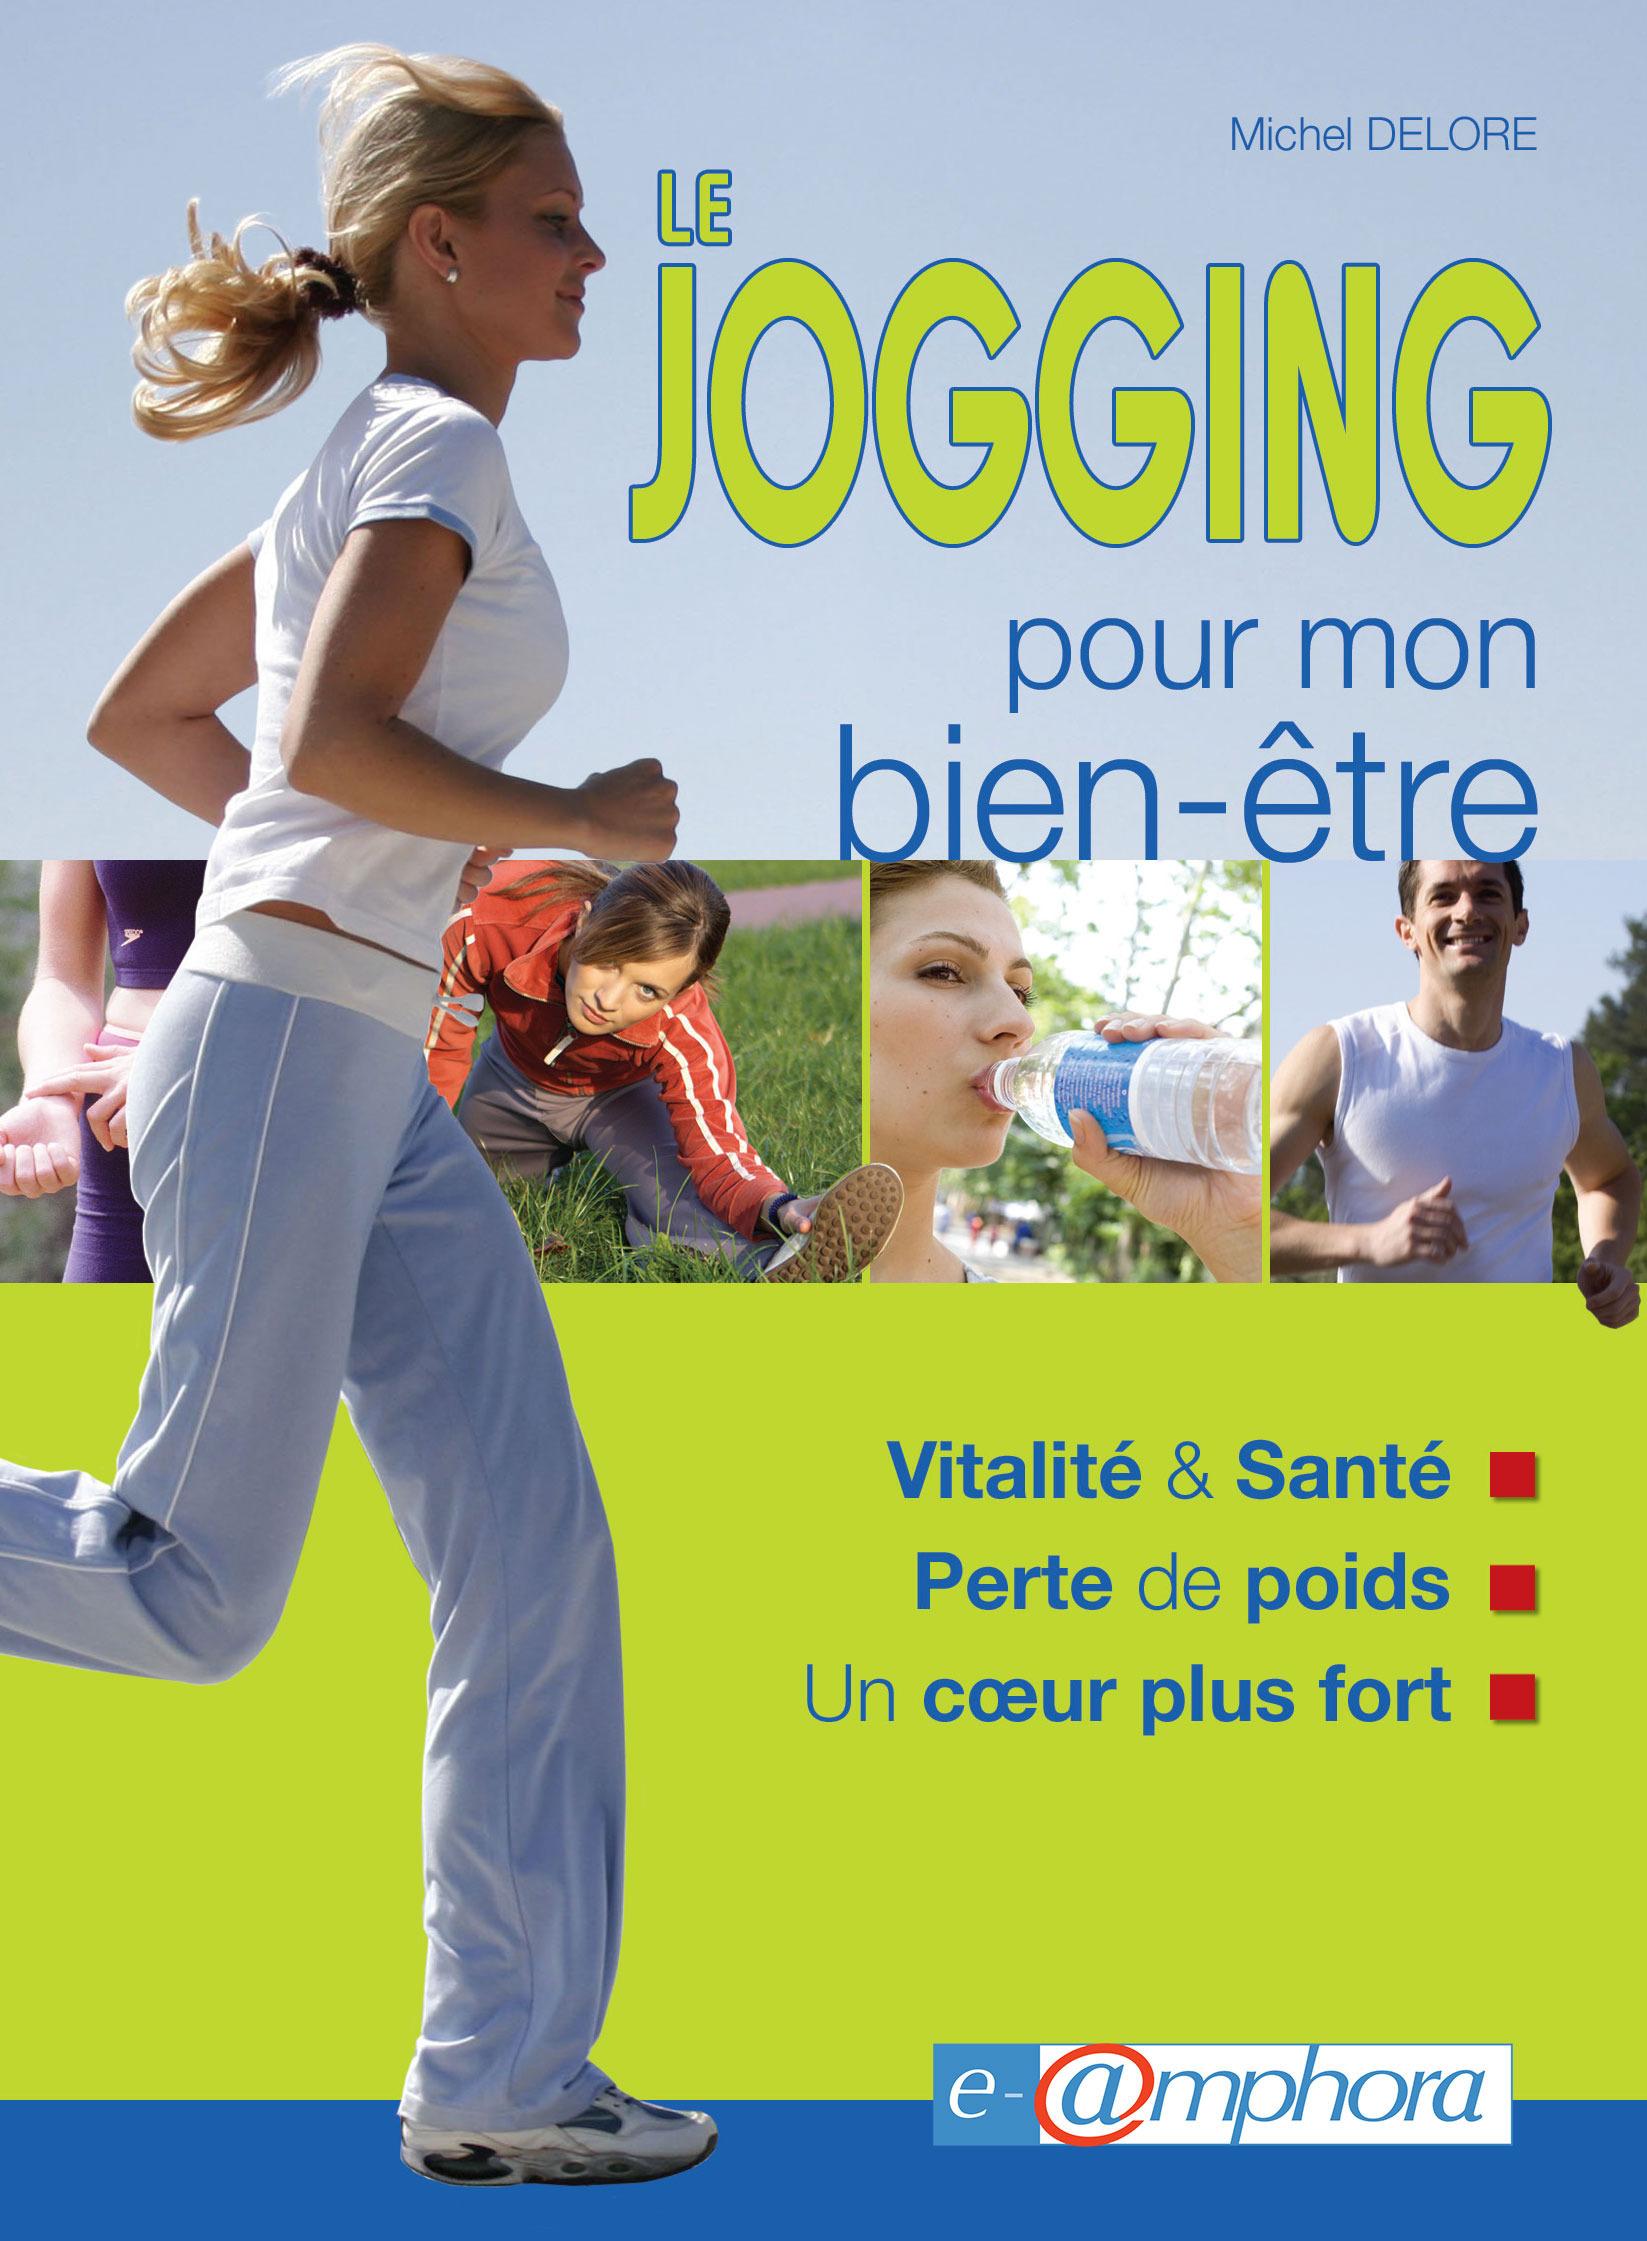 Le jogging pour mon bien être ; Vitalité et santé, perte de poids, un coeur plus fort